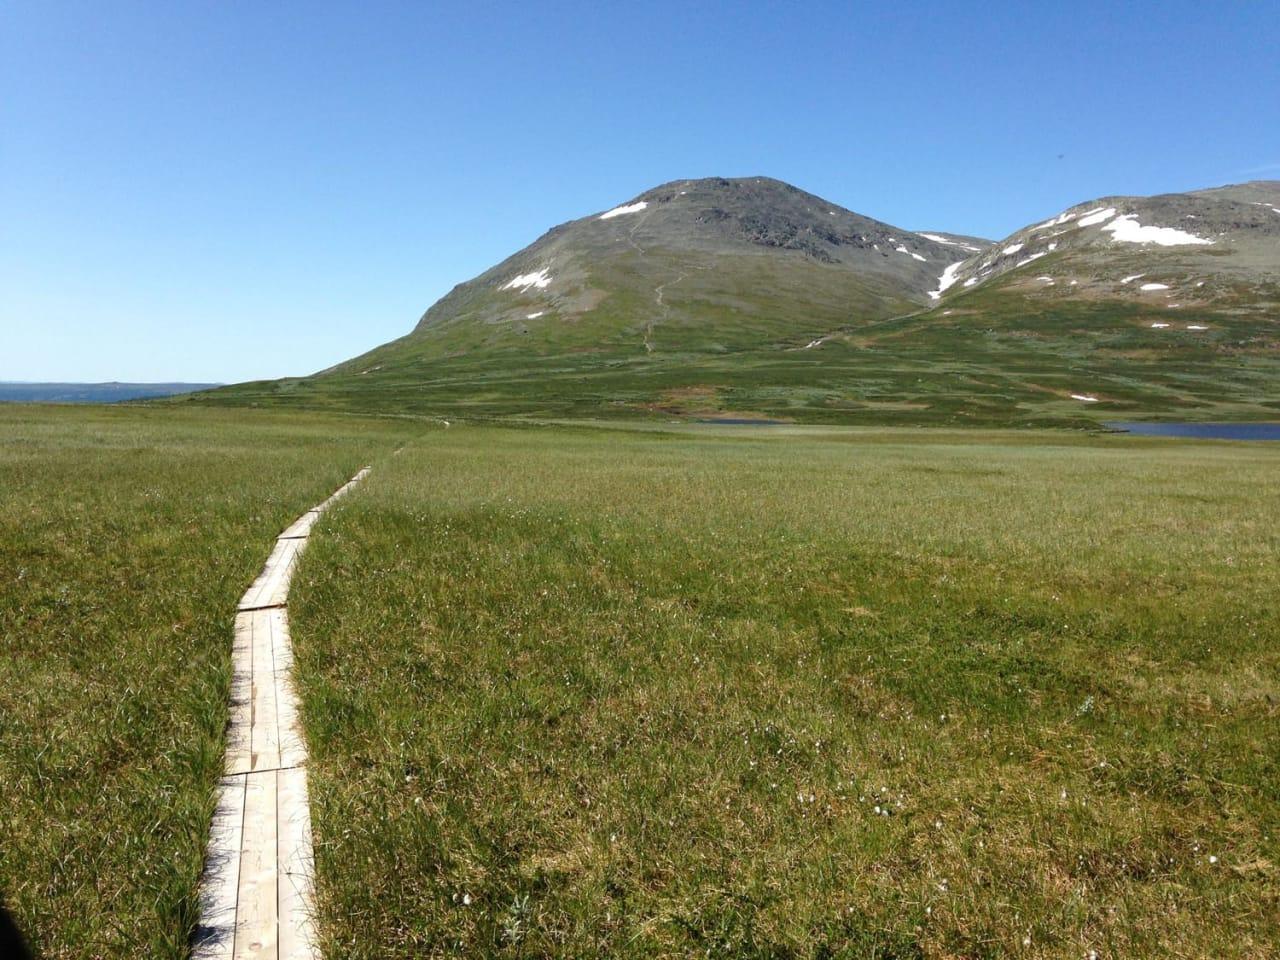 Behov for planlegging: Hemsedal kommune mener sykling er en av aktivitetene som må sees nærmere på når ny sti- og løypeplan skal utarbeides. (foto: Claes Watndal)